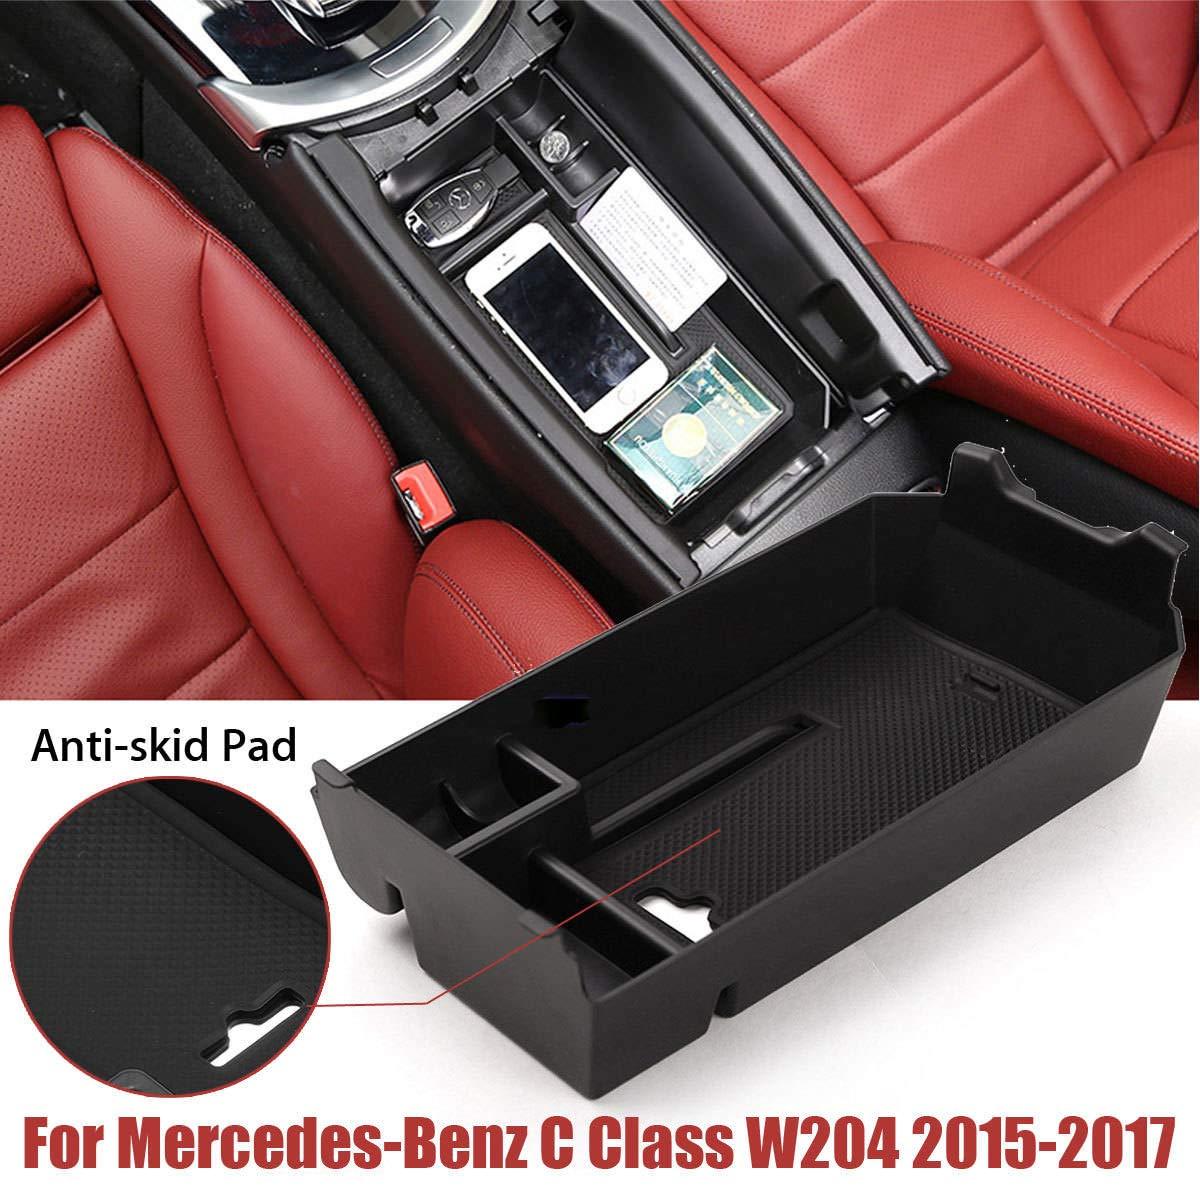 Plateau de Rangement Automatique pour Console Centrale et Accessoires de bo/îte de Rangement pour Mercedes-Benz Classe C W205 2015-2018 Gulin Stockage de Voiture Coupe du conteneur Noir